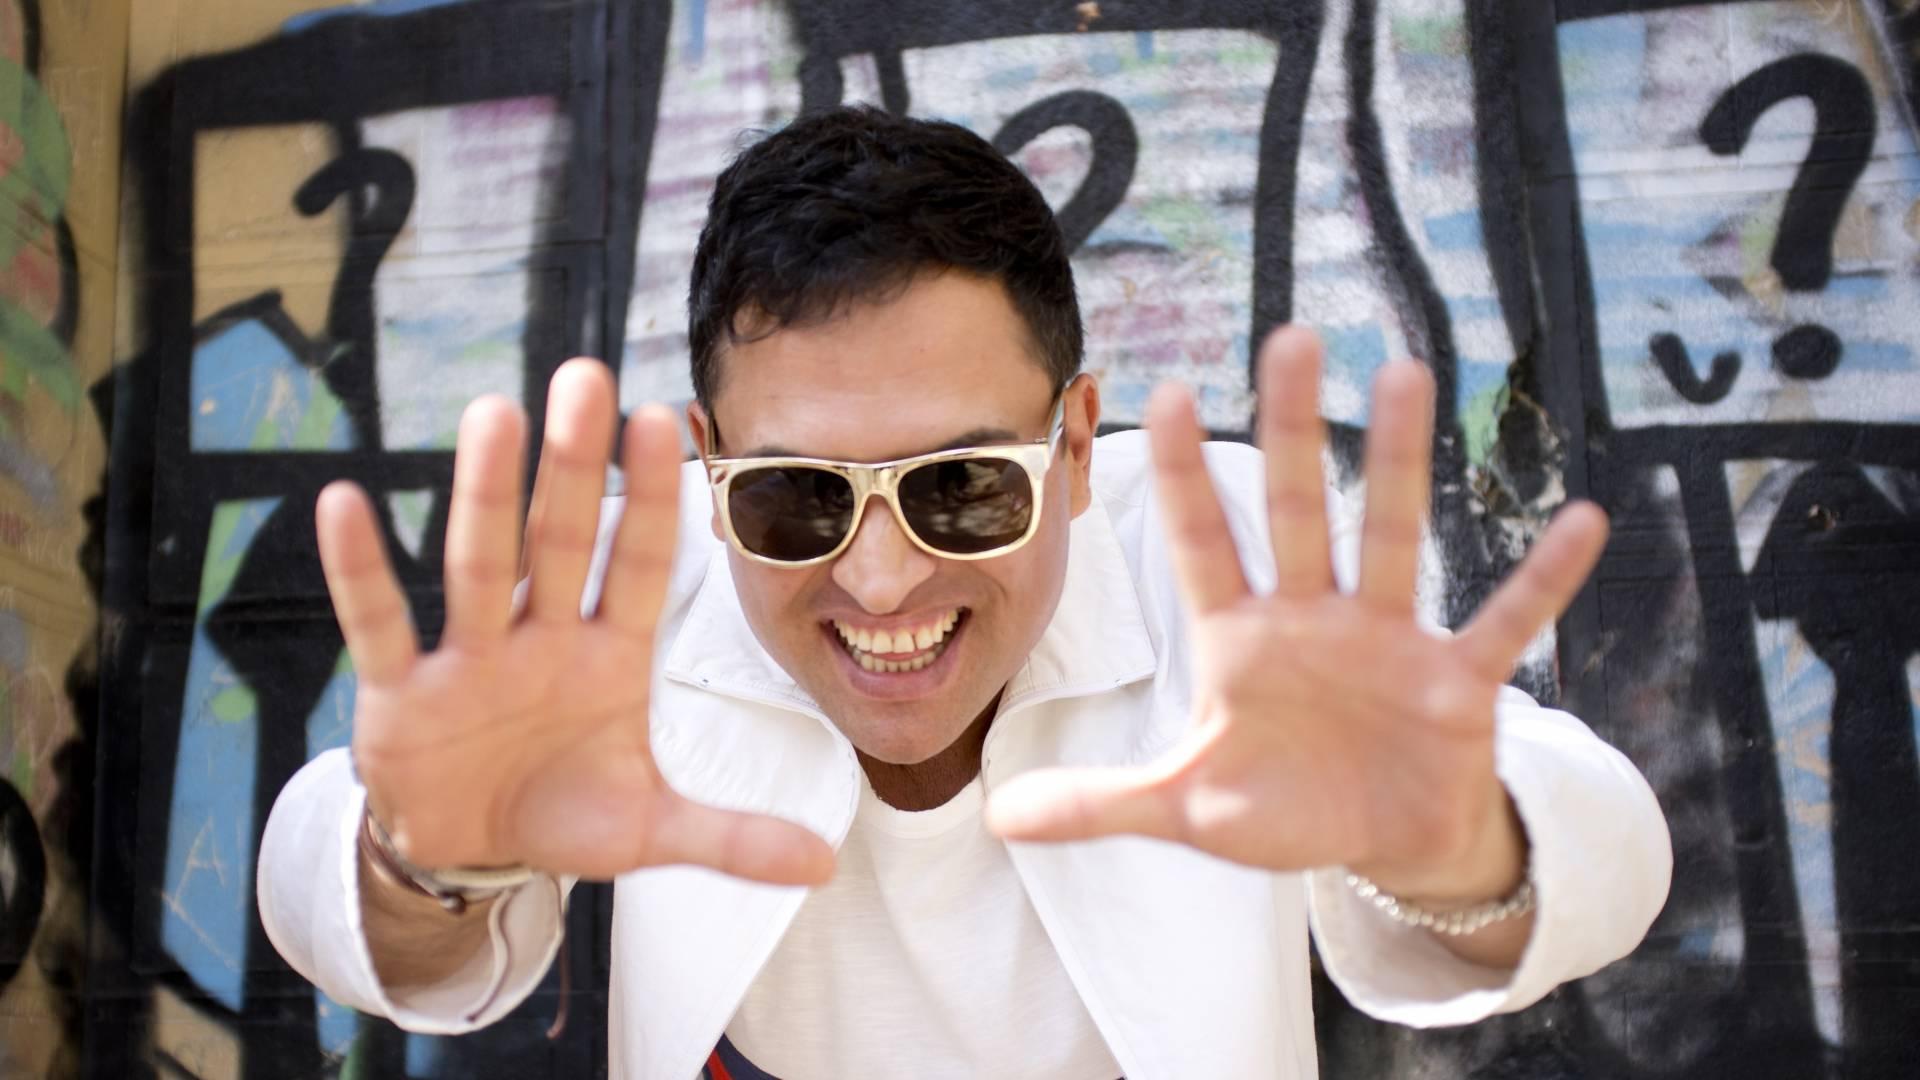 http://mediacdn.karnaval.com/media/artist_media/1601/biography_1920x1080/photo_1601_0.jpg?v=141116115202